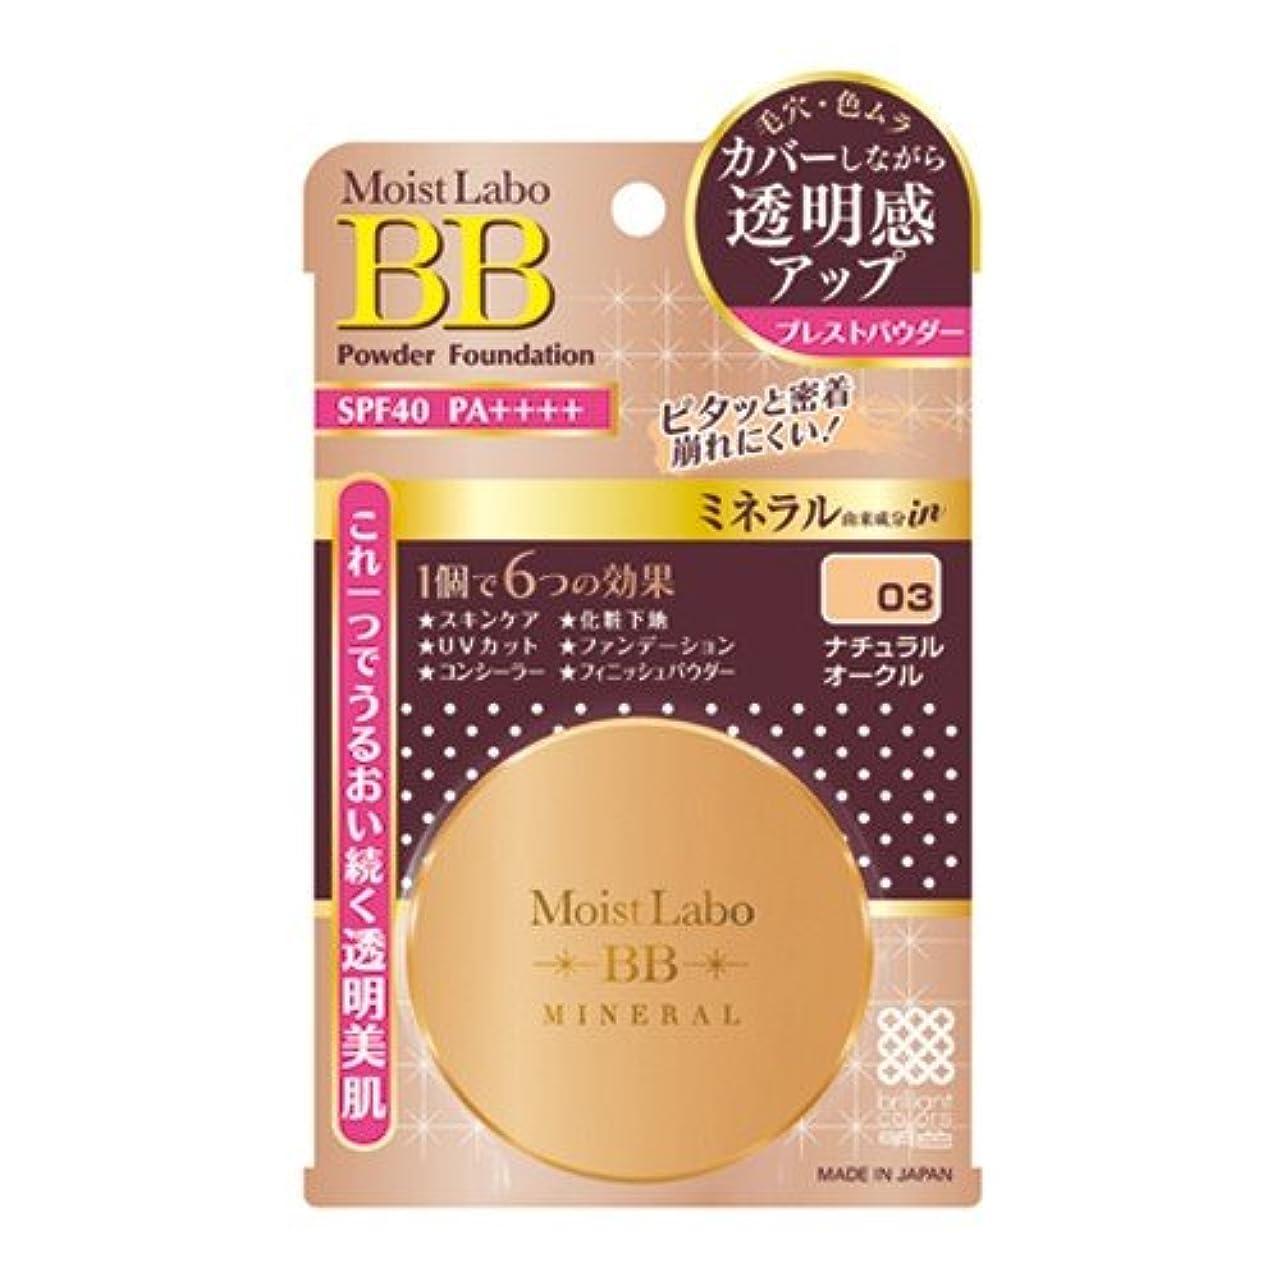 モイストラボBBミネラルプレストパウダー <ナチュラルオークル> (日本製) SPF40 PA++++